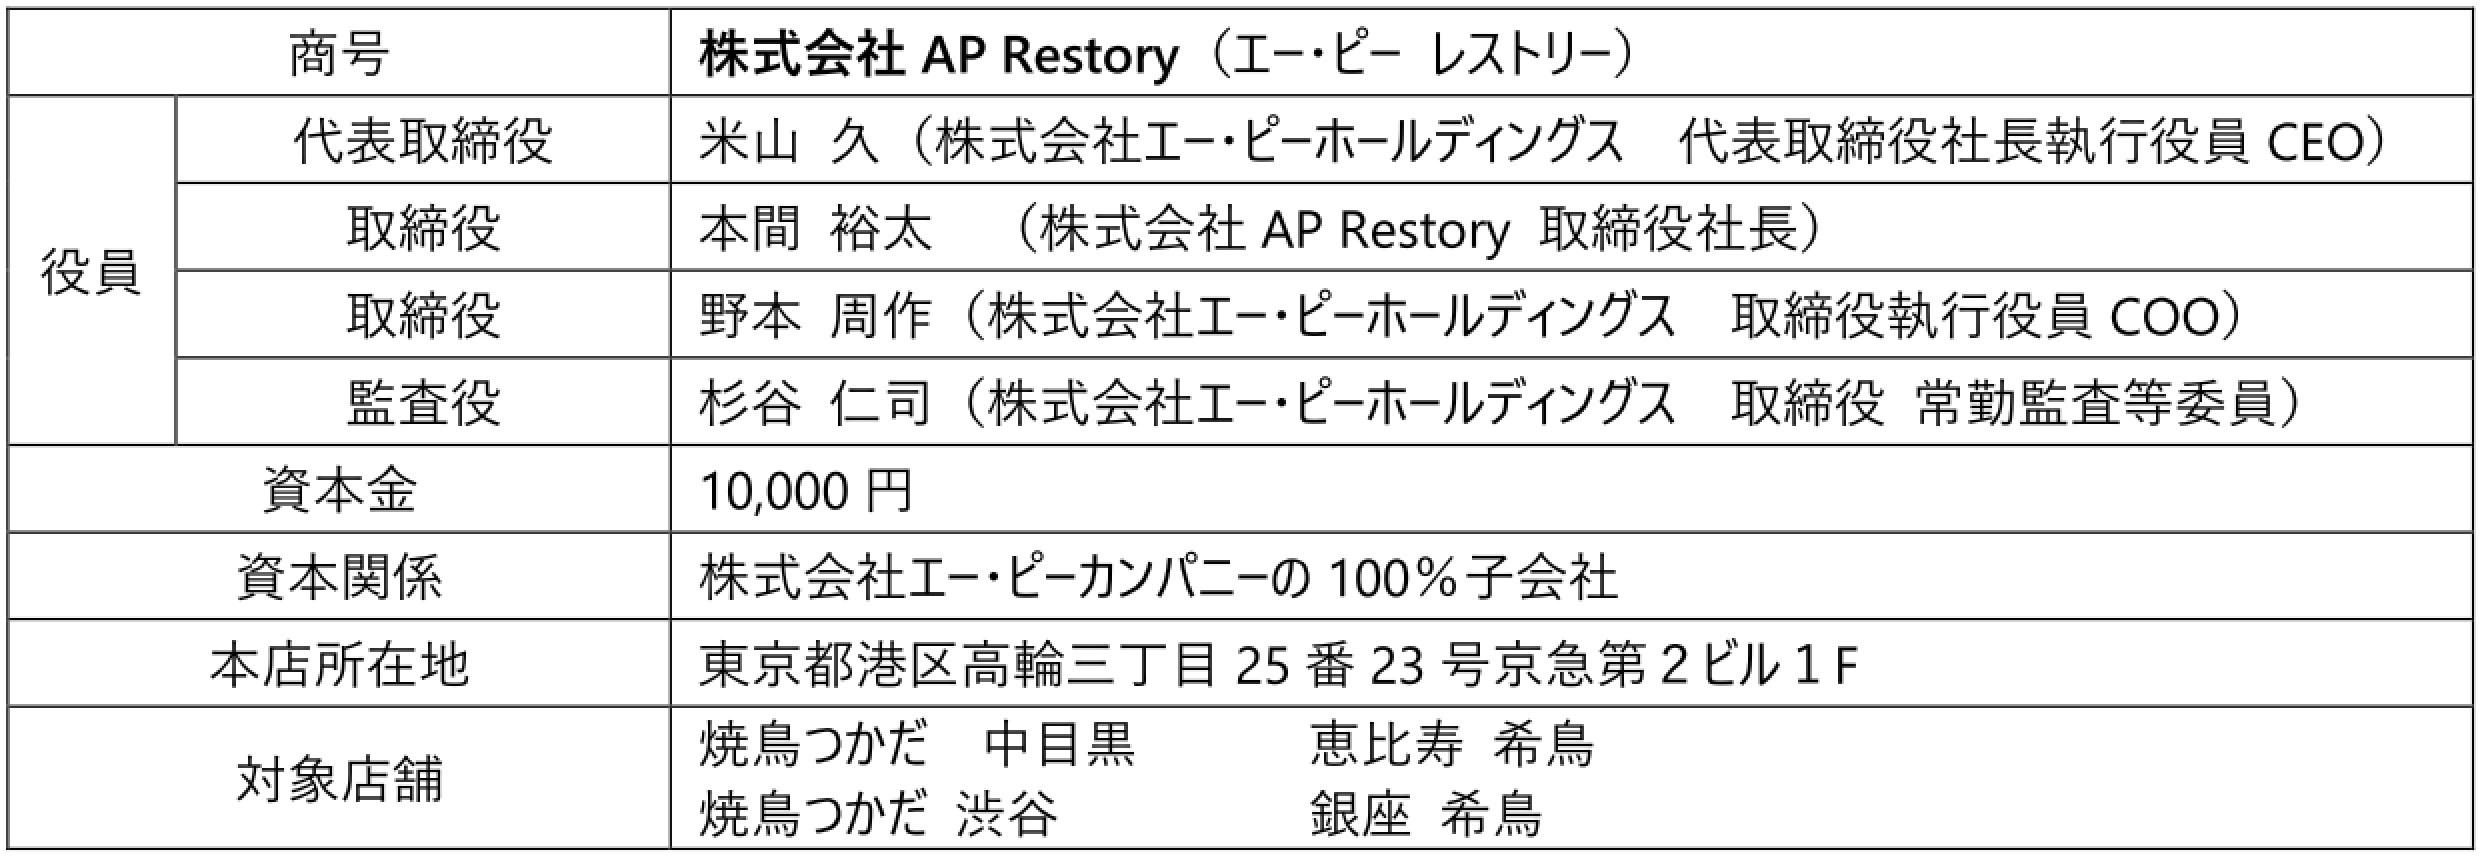 株式会社AP Restory